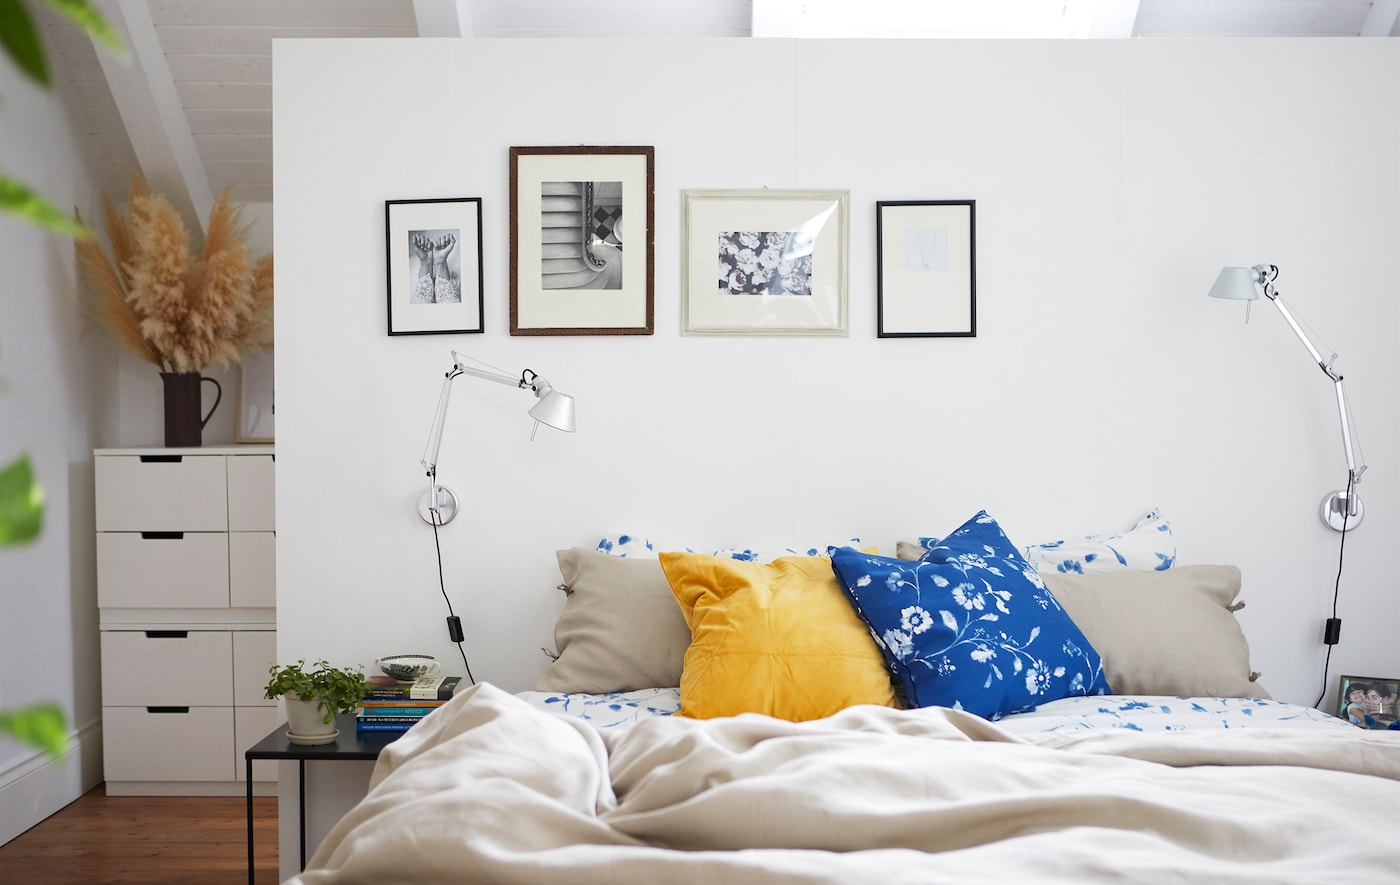 Dormitor alb cu lenjerie de pat în culori neutre cu flori și fotografii alb-negru pe perete.